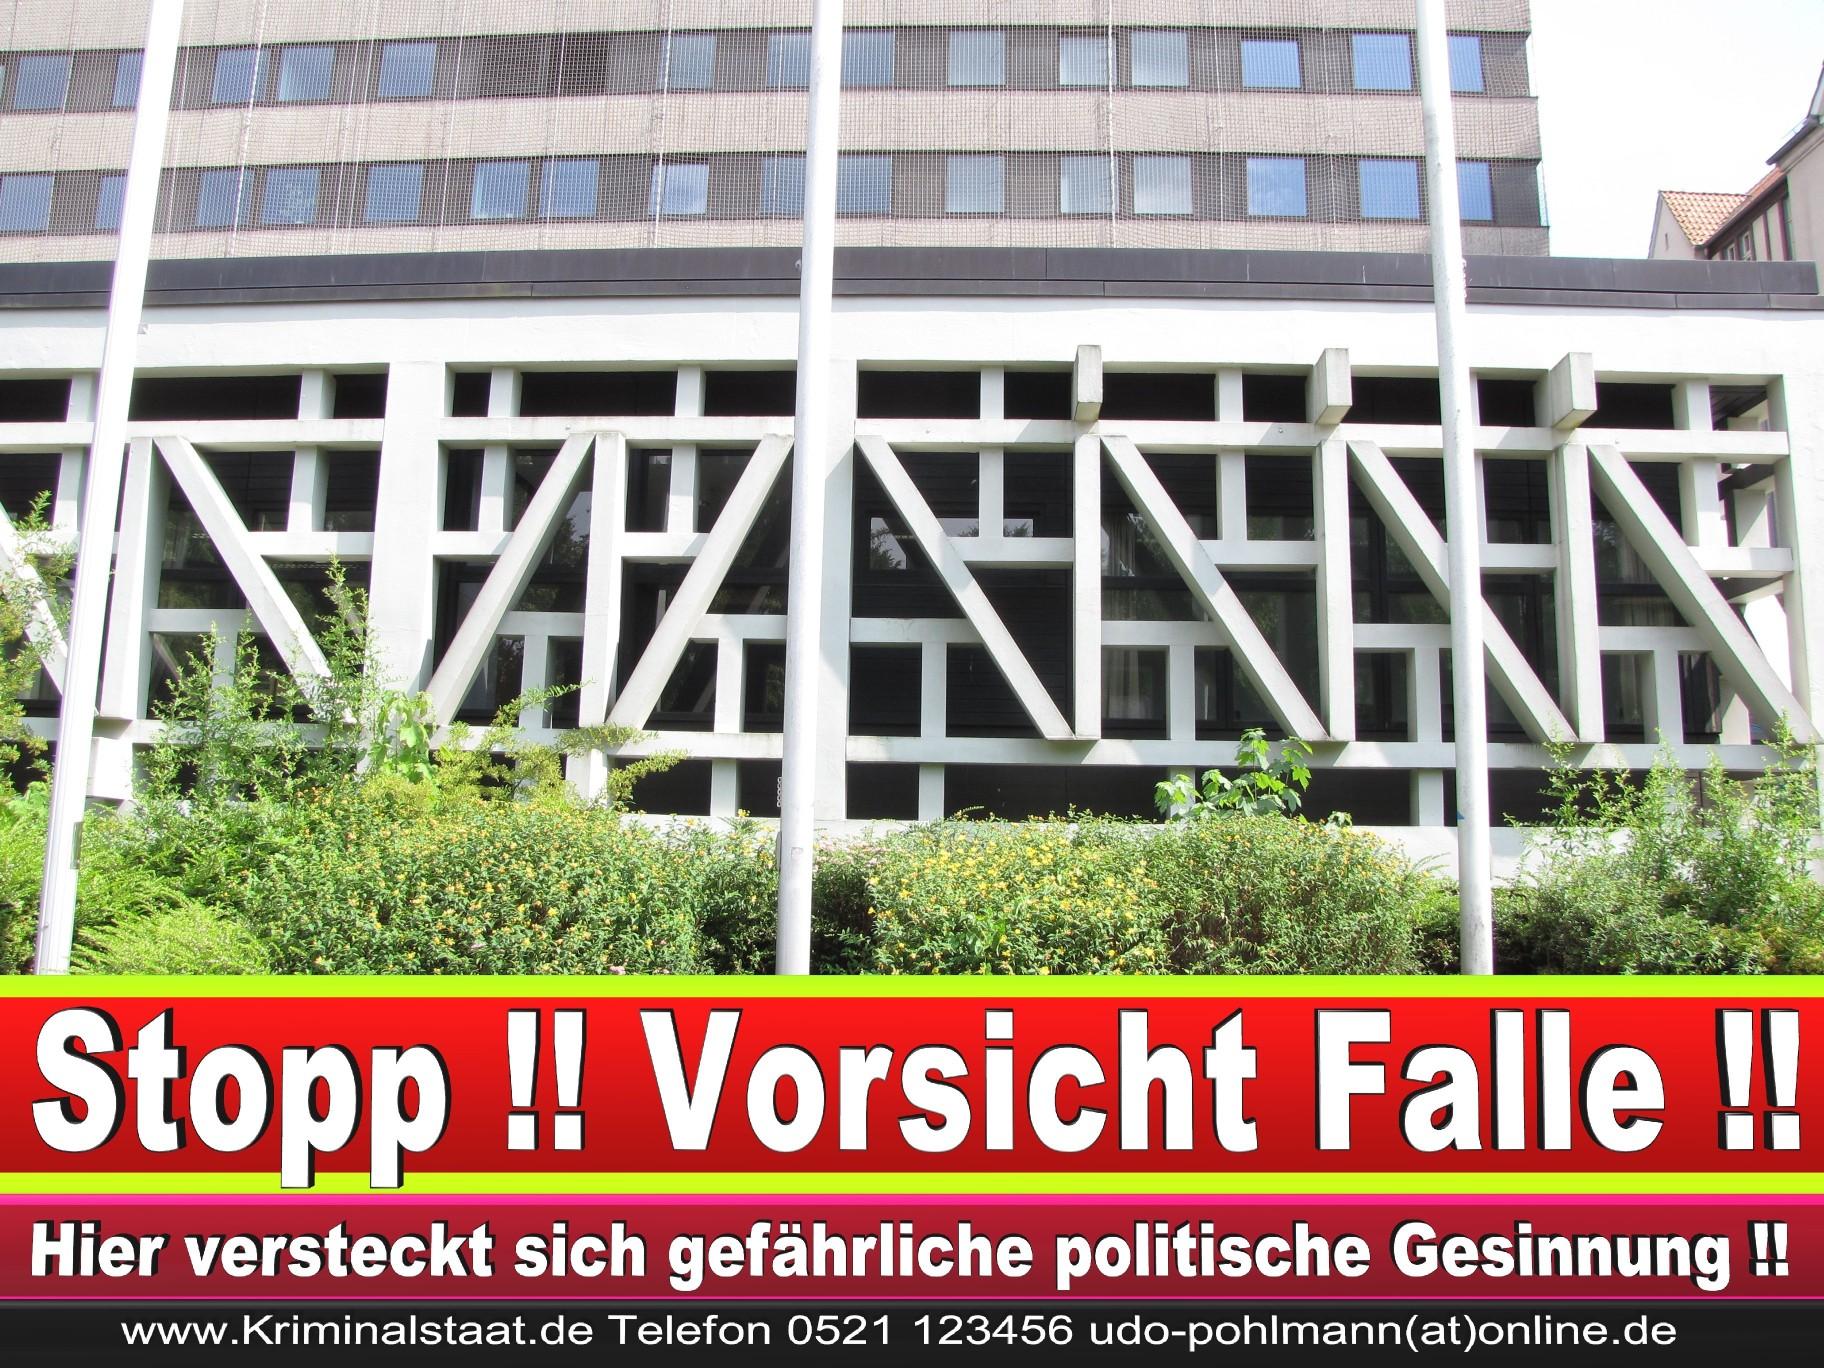 CDU Landgericht Bielefeld Landgerichtspräsident Klaus Petermann Hochstraße Bünde Jens Gnisa Richterbund Richtervereinigung 3